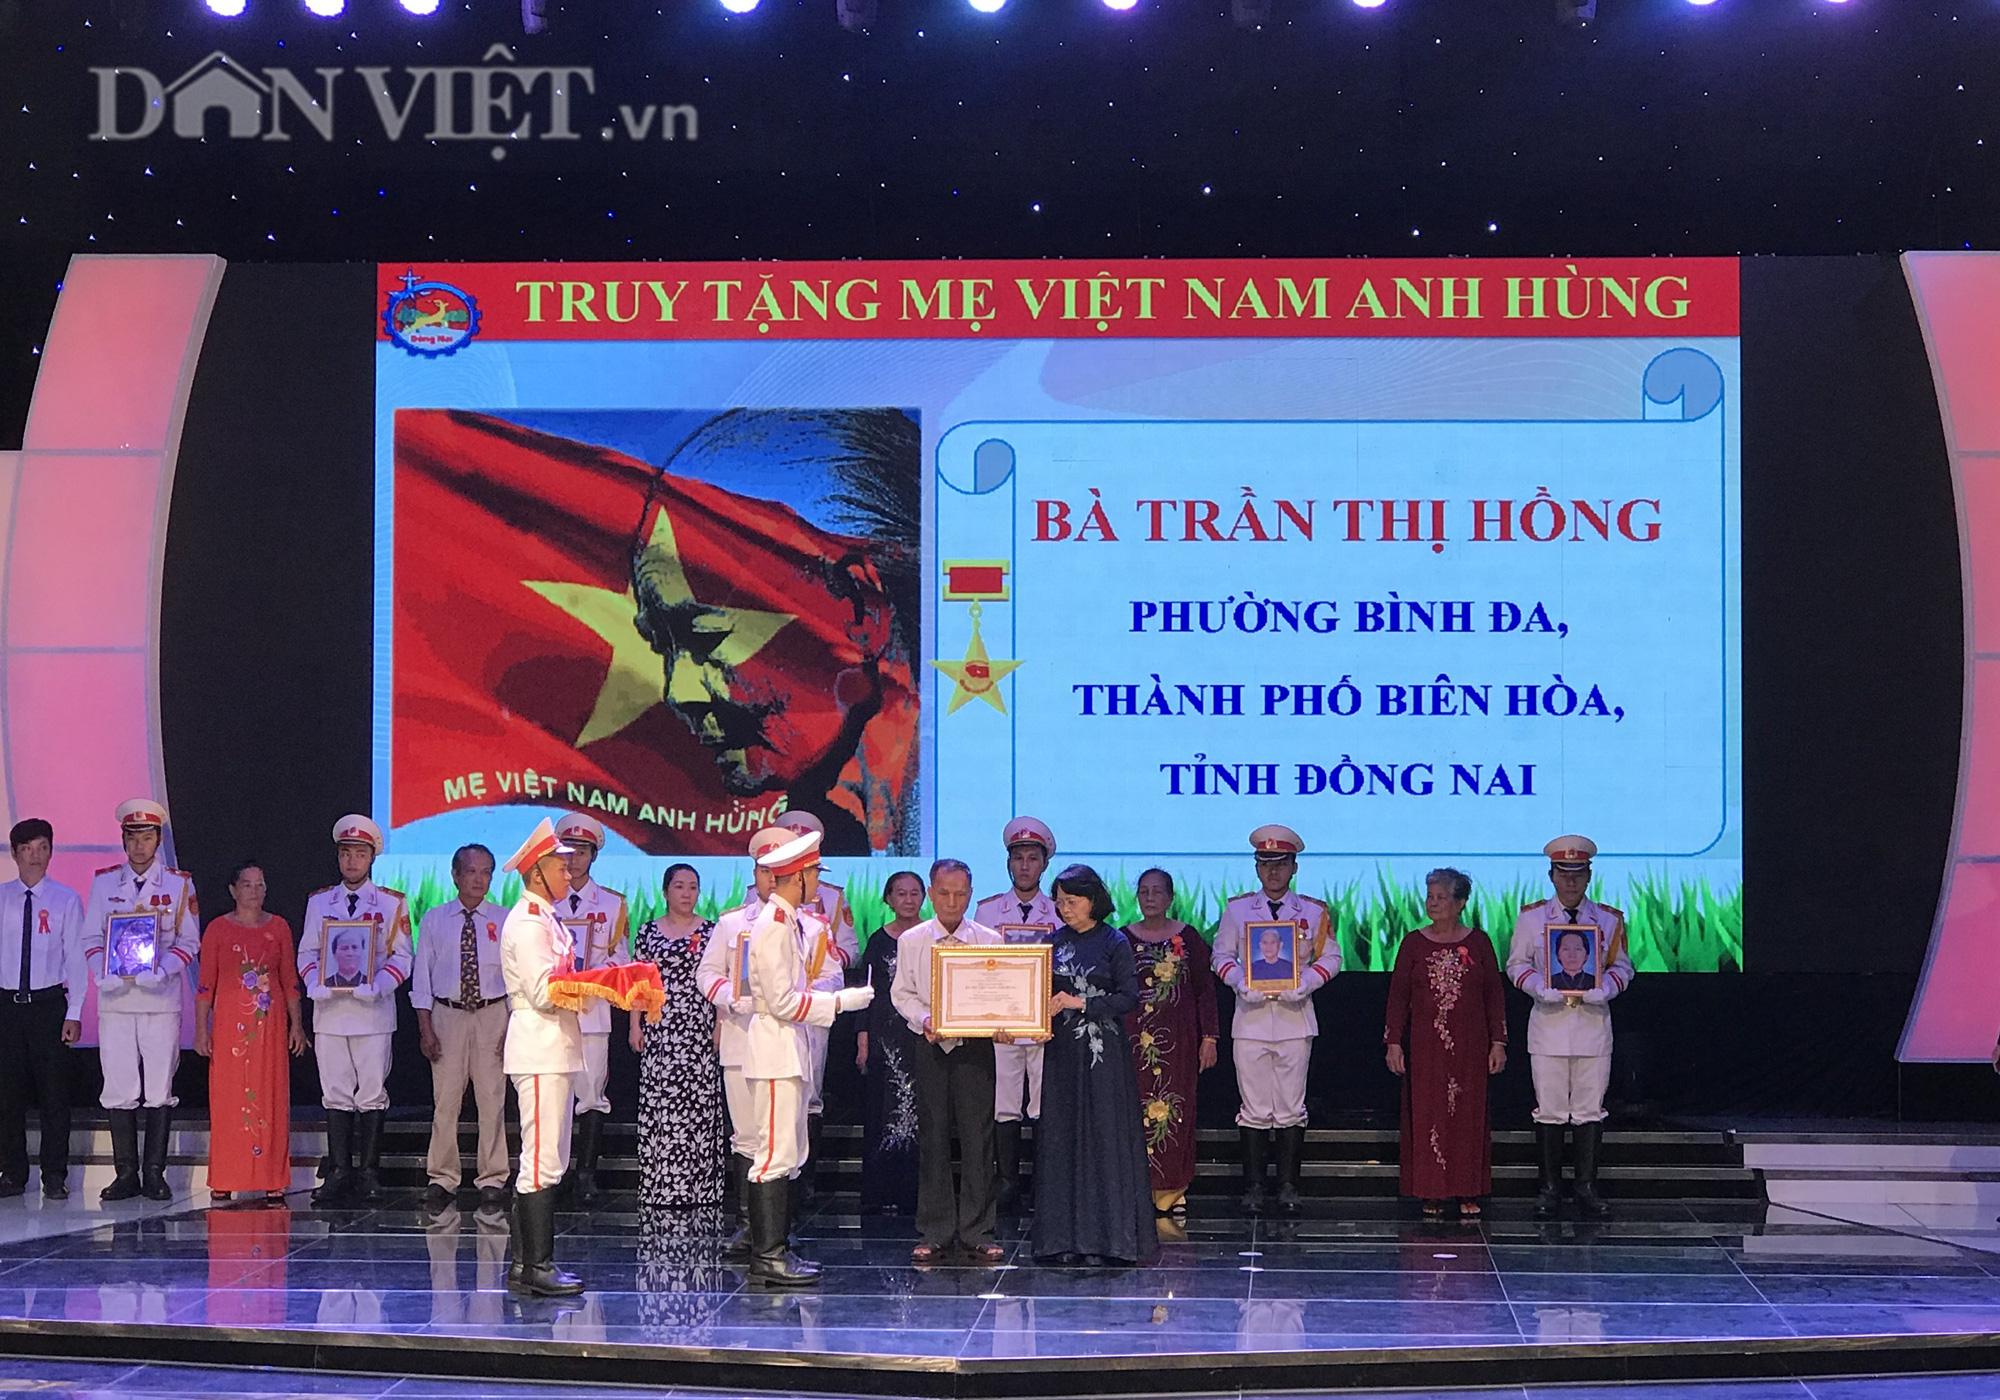 Phó Chủ tịch nước Đặng Thị Ngọc Thịnh dự lễ trao tặng các phần thưởng cao quý tại Đồng Nai - Ảnh 1.